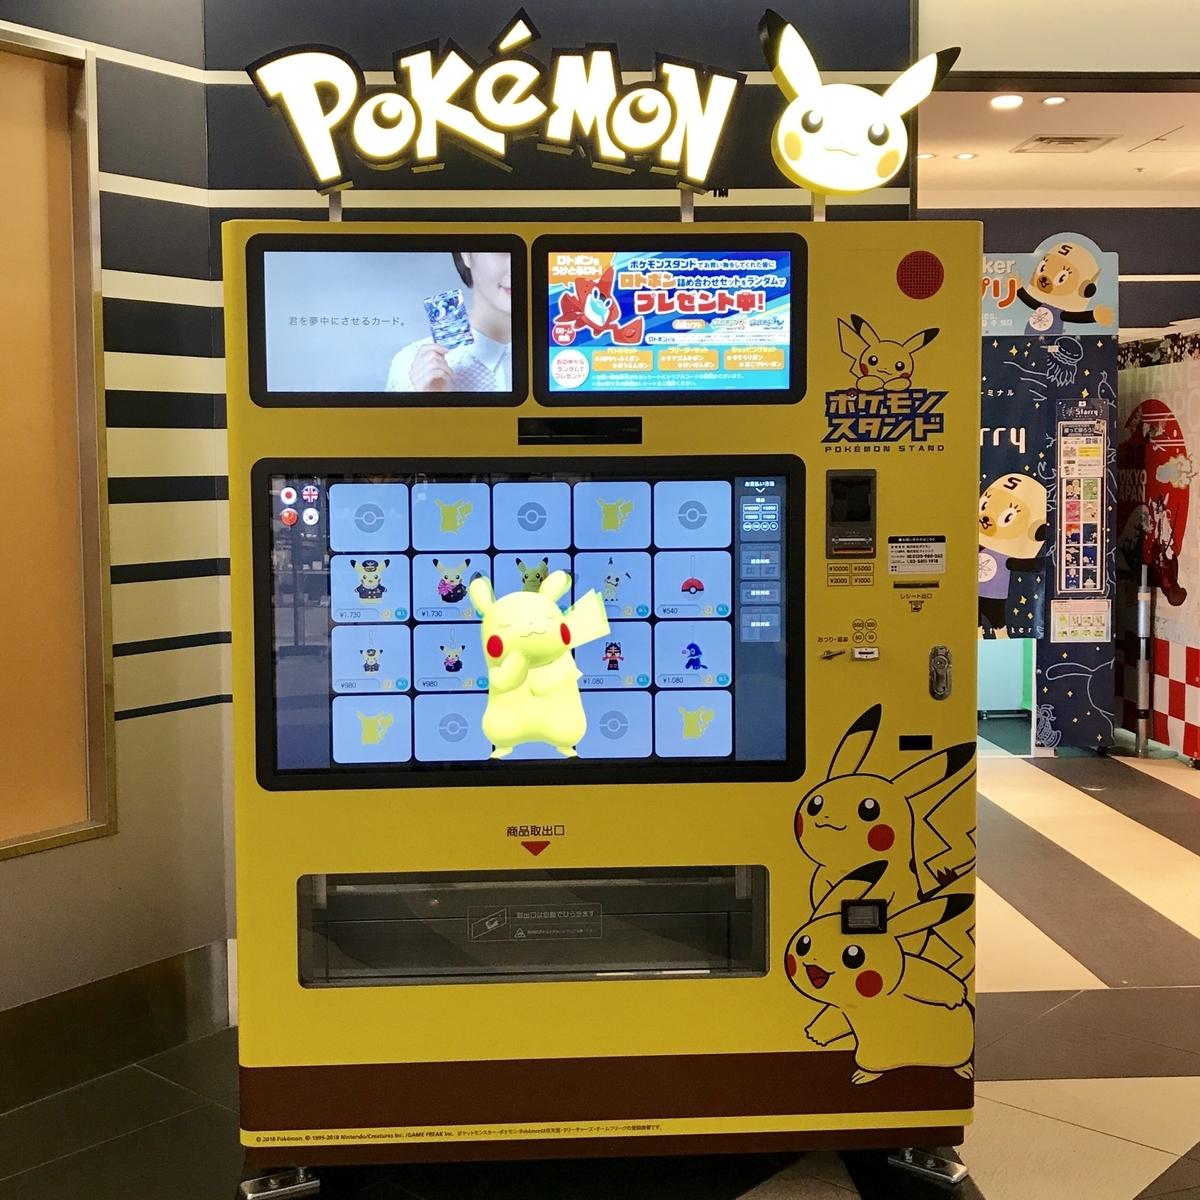 f:id:pikachu_pcn:20190406200143j:plain